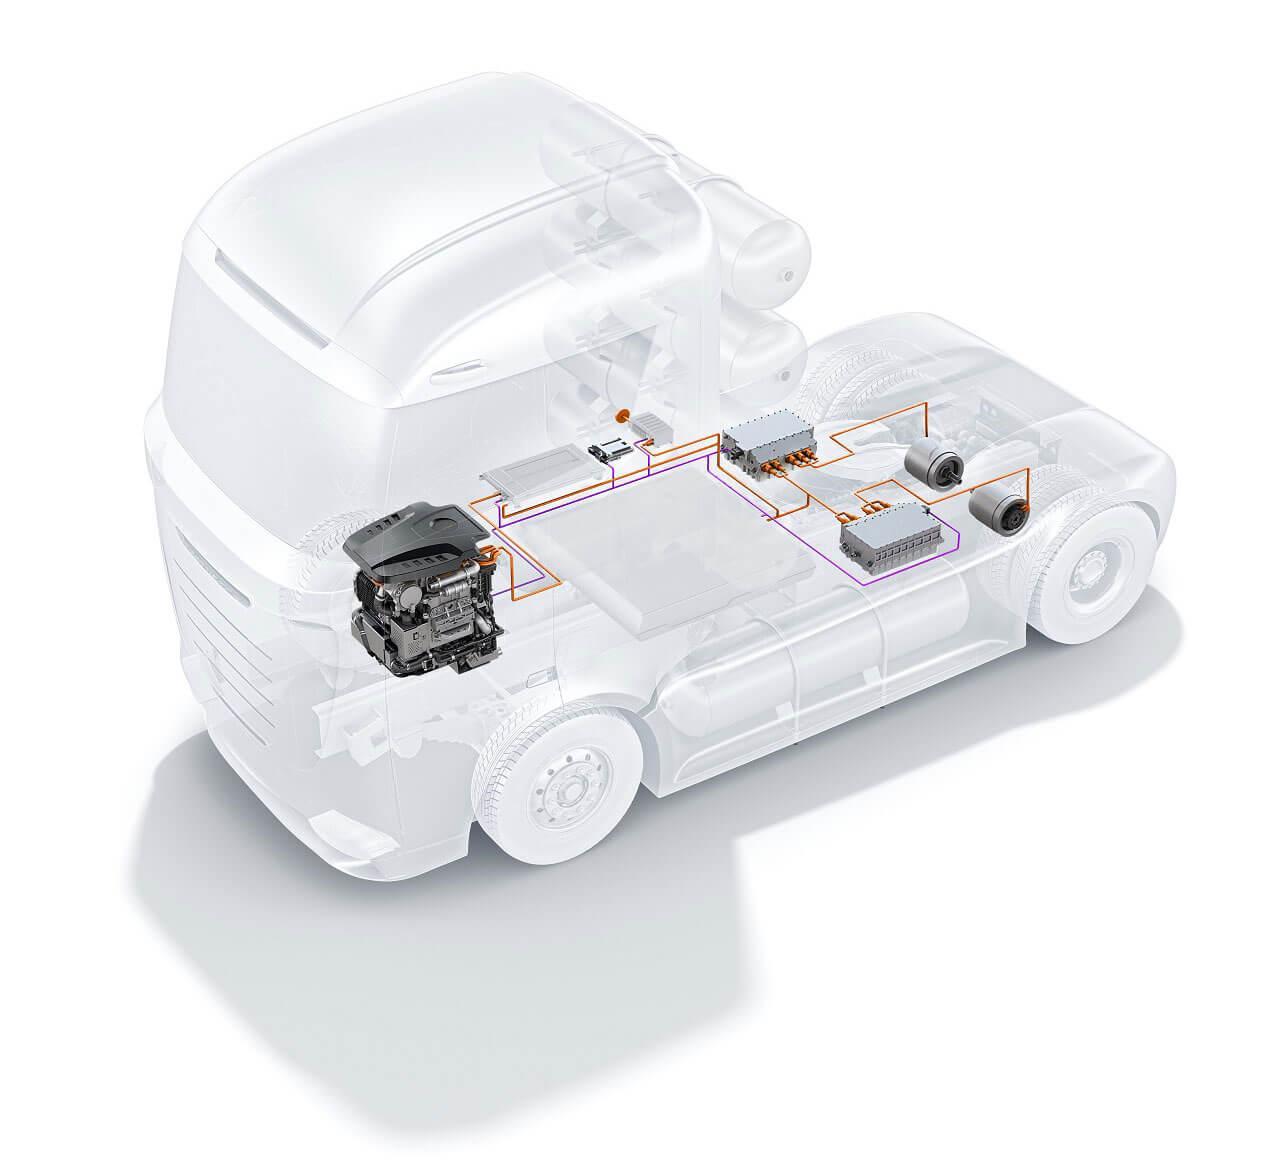 Az üzemanyagcella megoldást jelenthet a tehergépjárművek villamosítása kapcsán, de személyautókban is telepített formában is van létjogosultsága